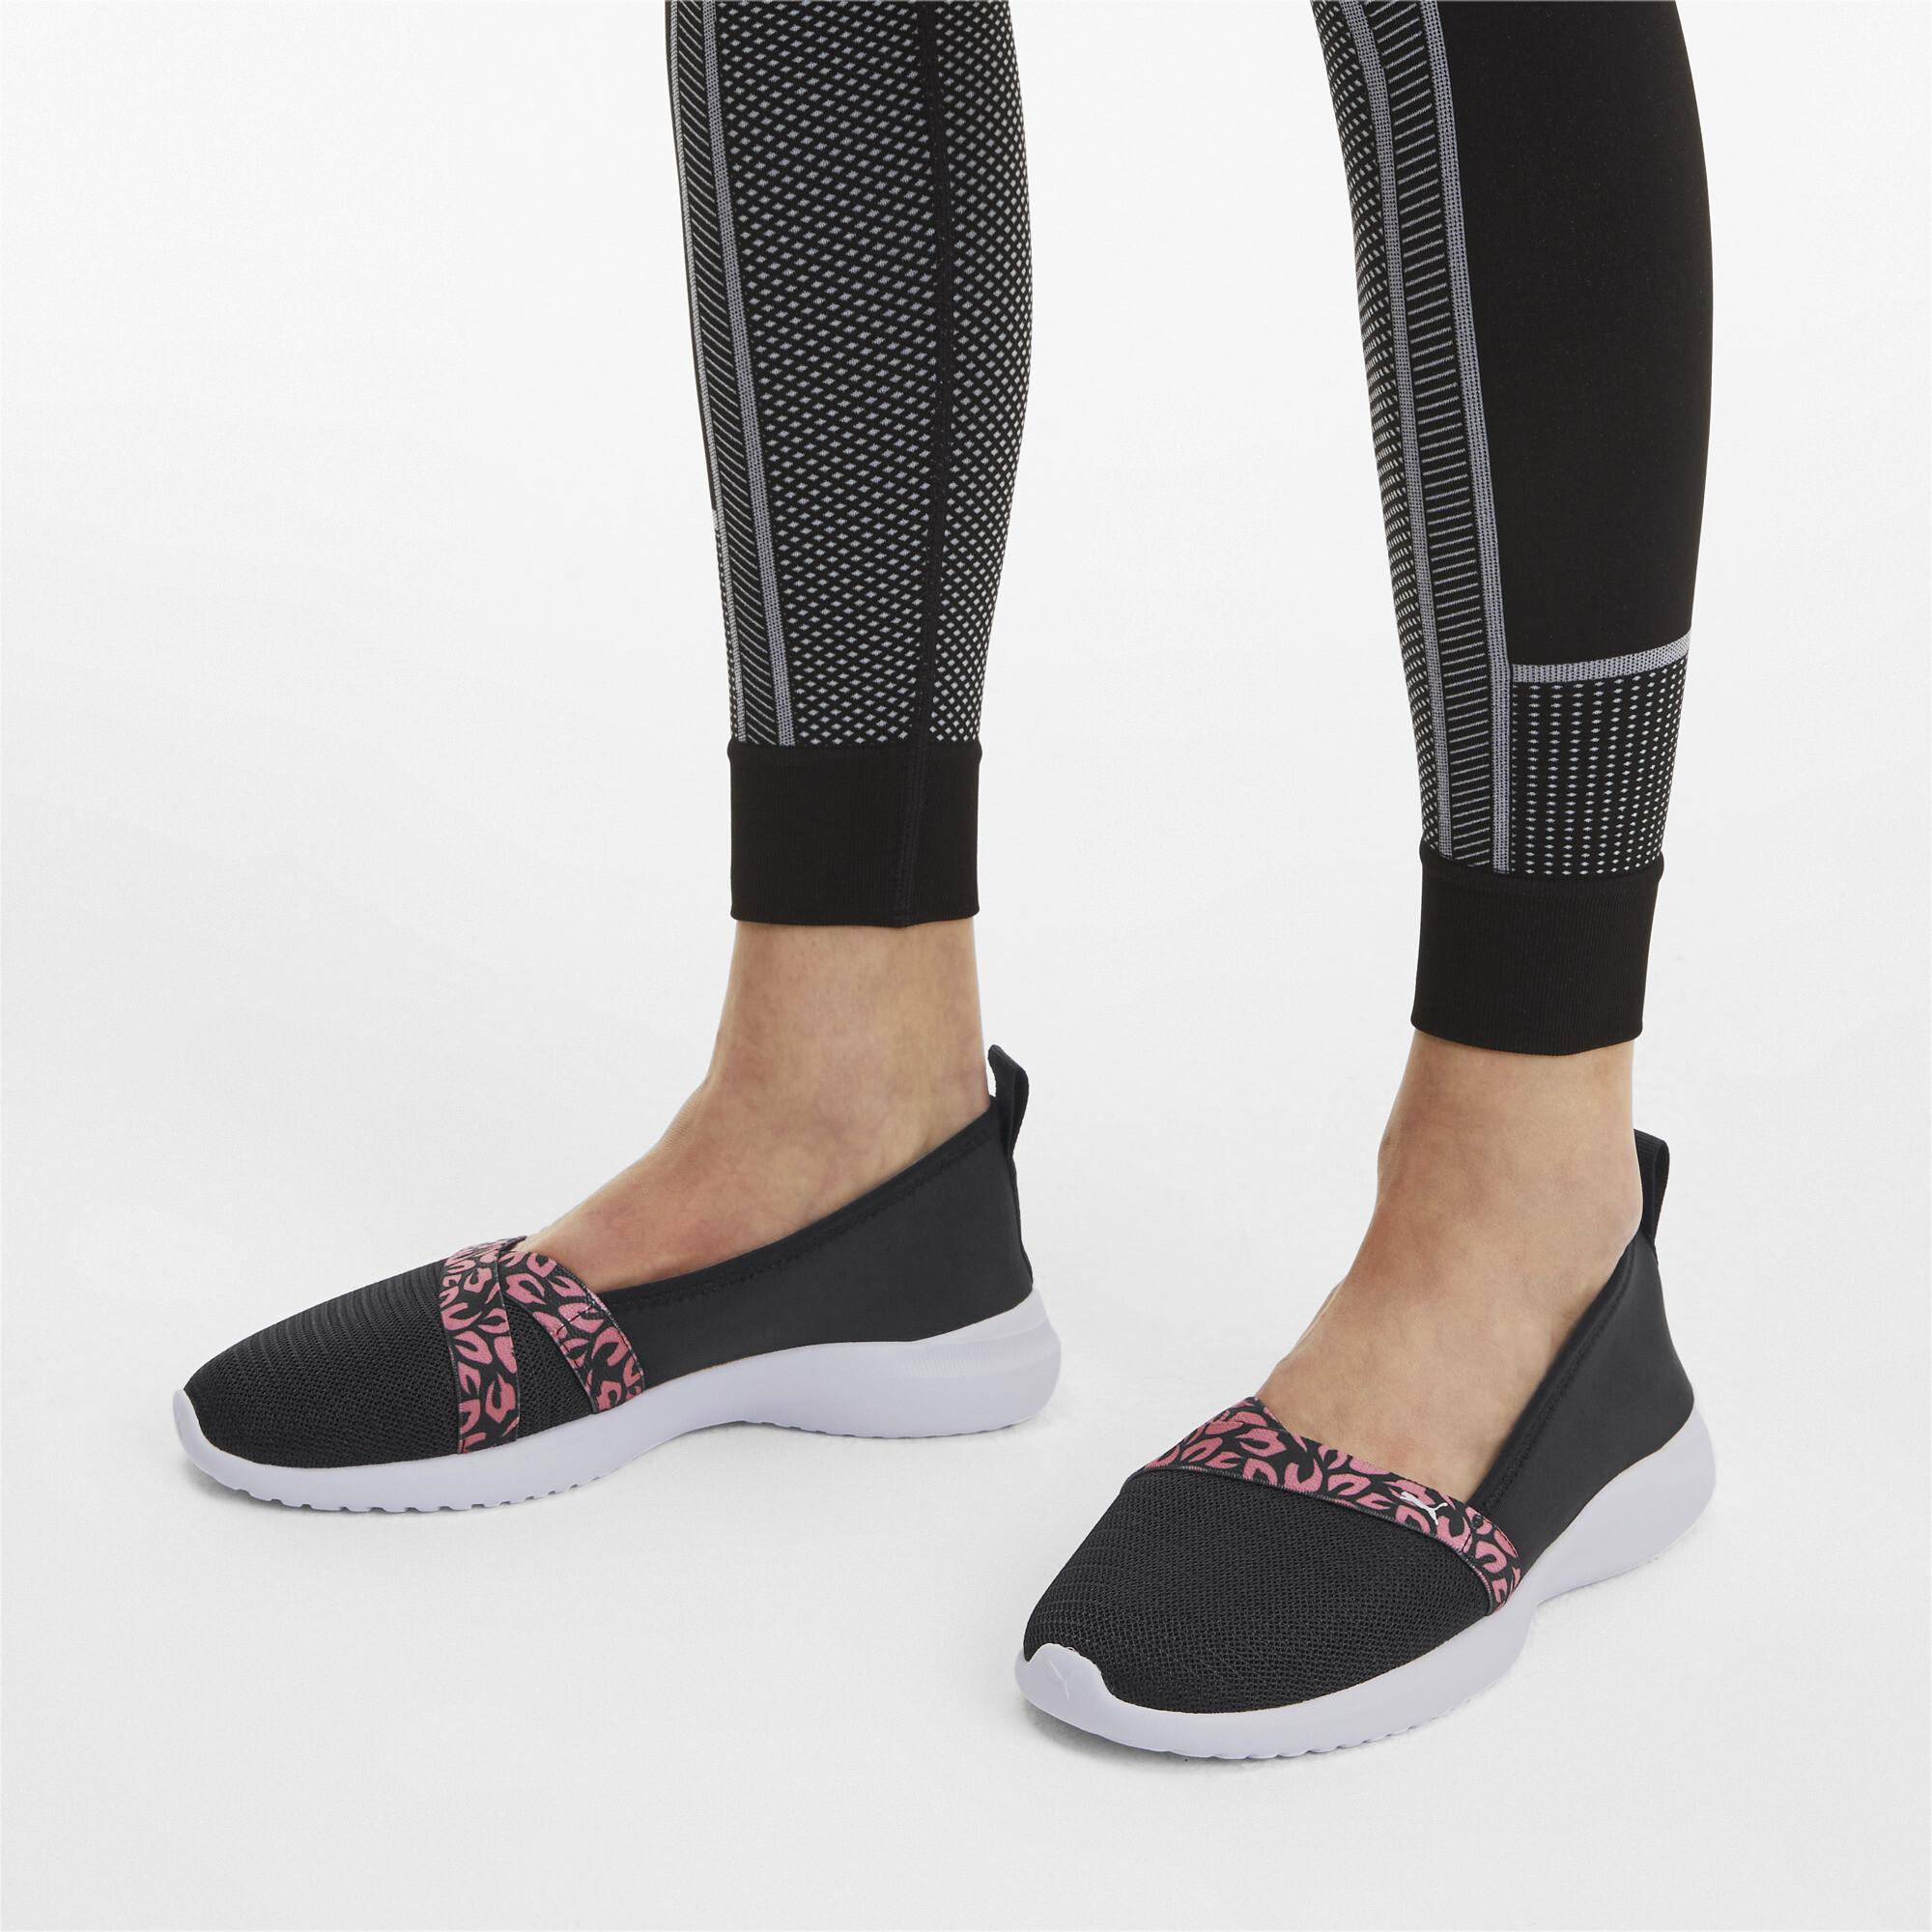 PUMA-Women-039-s-Adelina-Blossom-Ballet-Shoes thumbnail 5